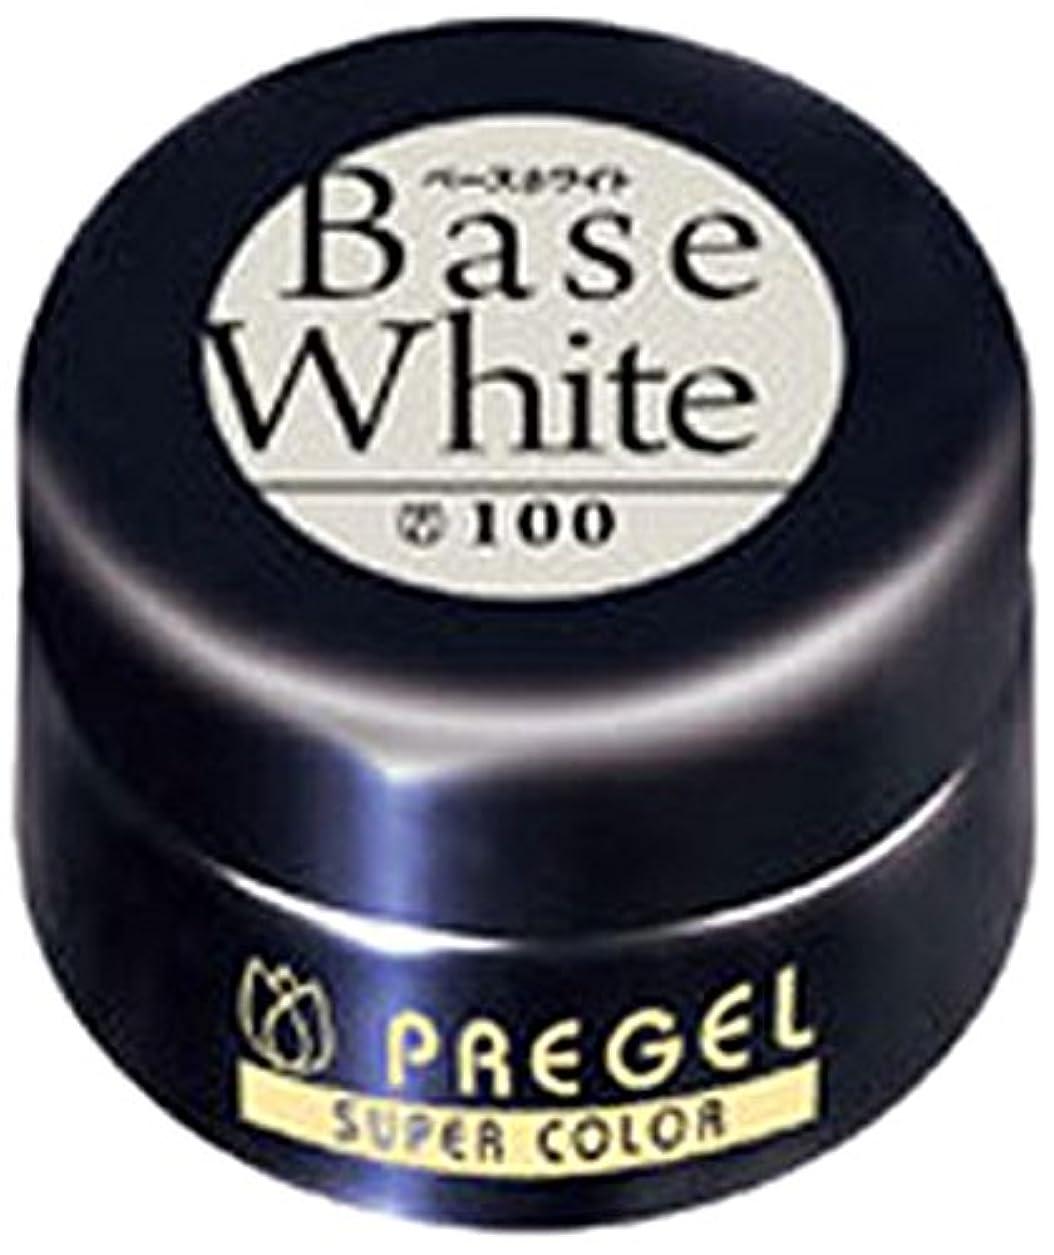 偉業危険なおもてなしプリジェル スーパーカラーEX ベースホワイト 4g PG-SE100 カラージェル